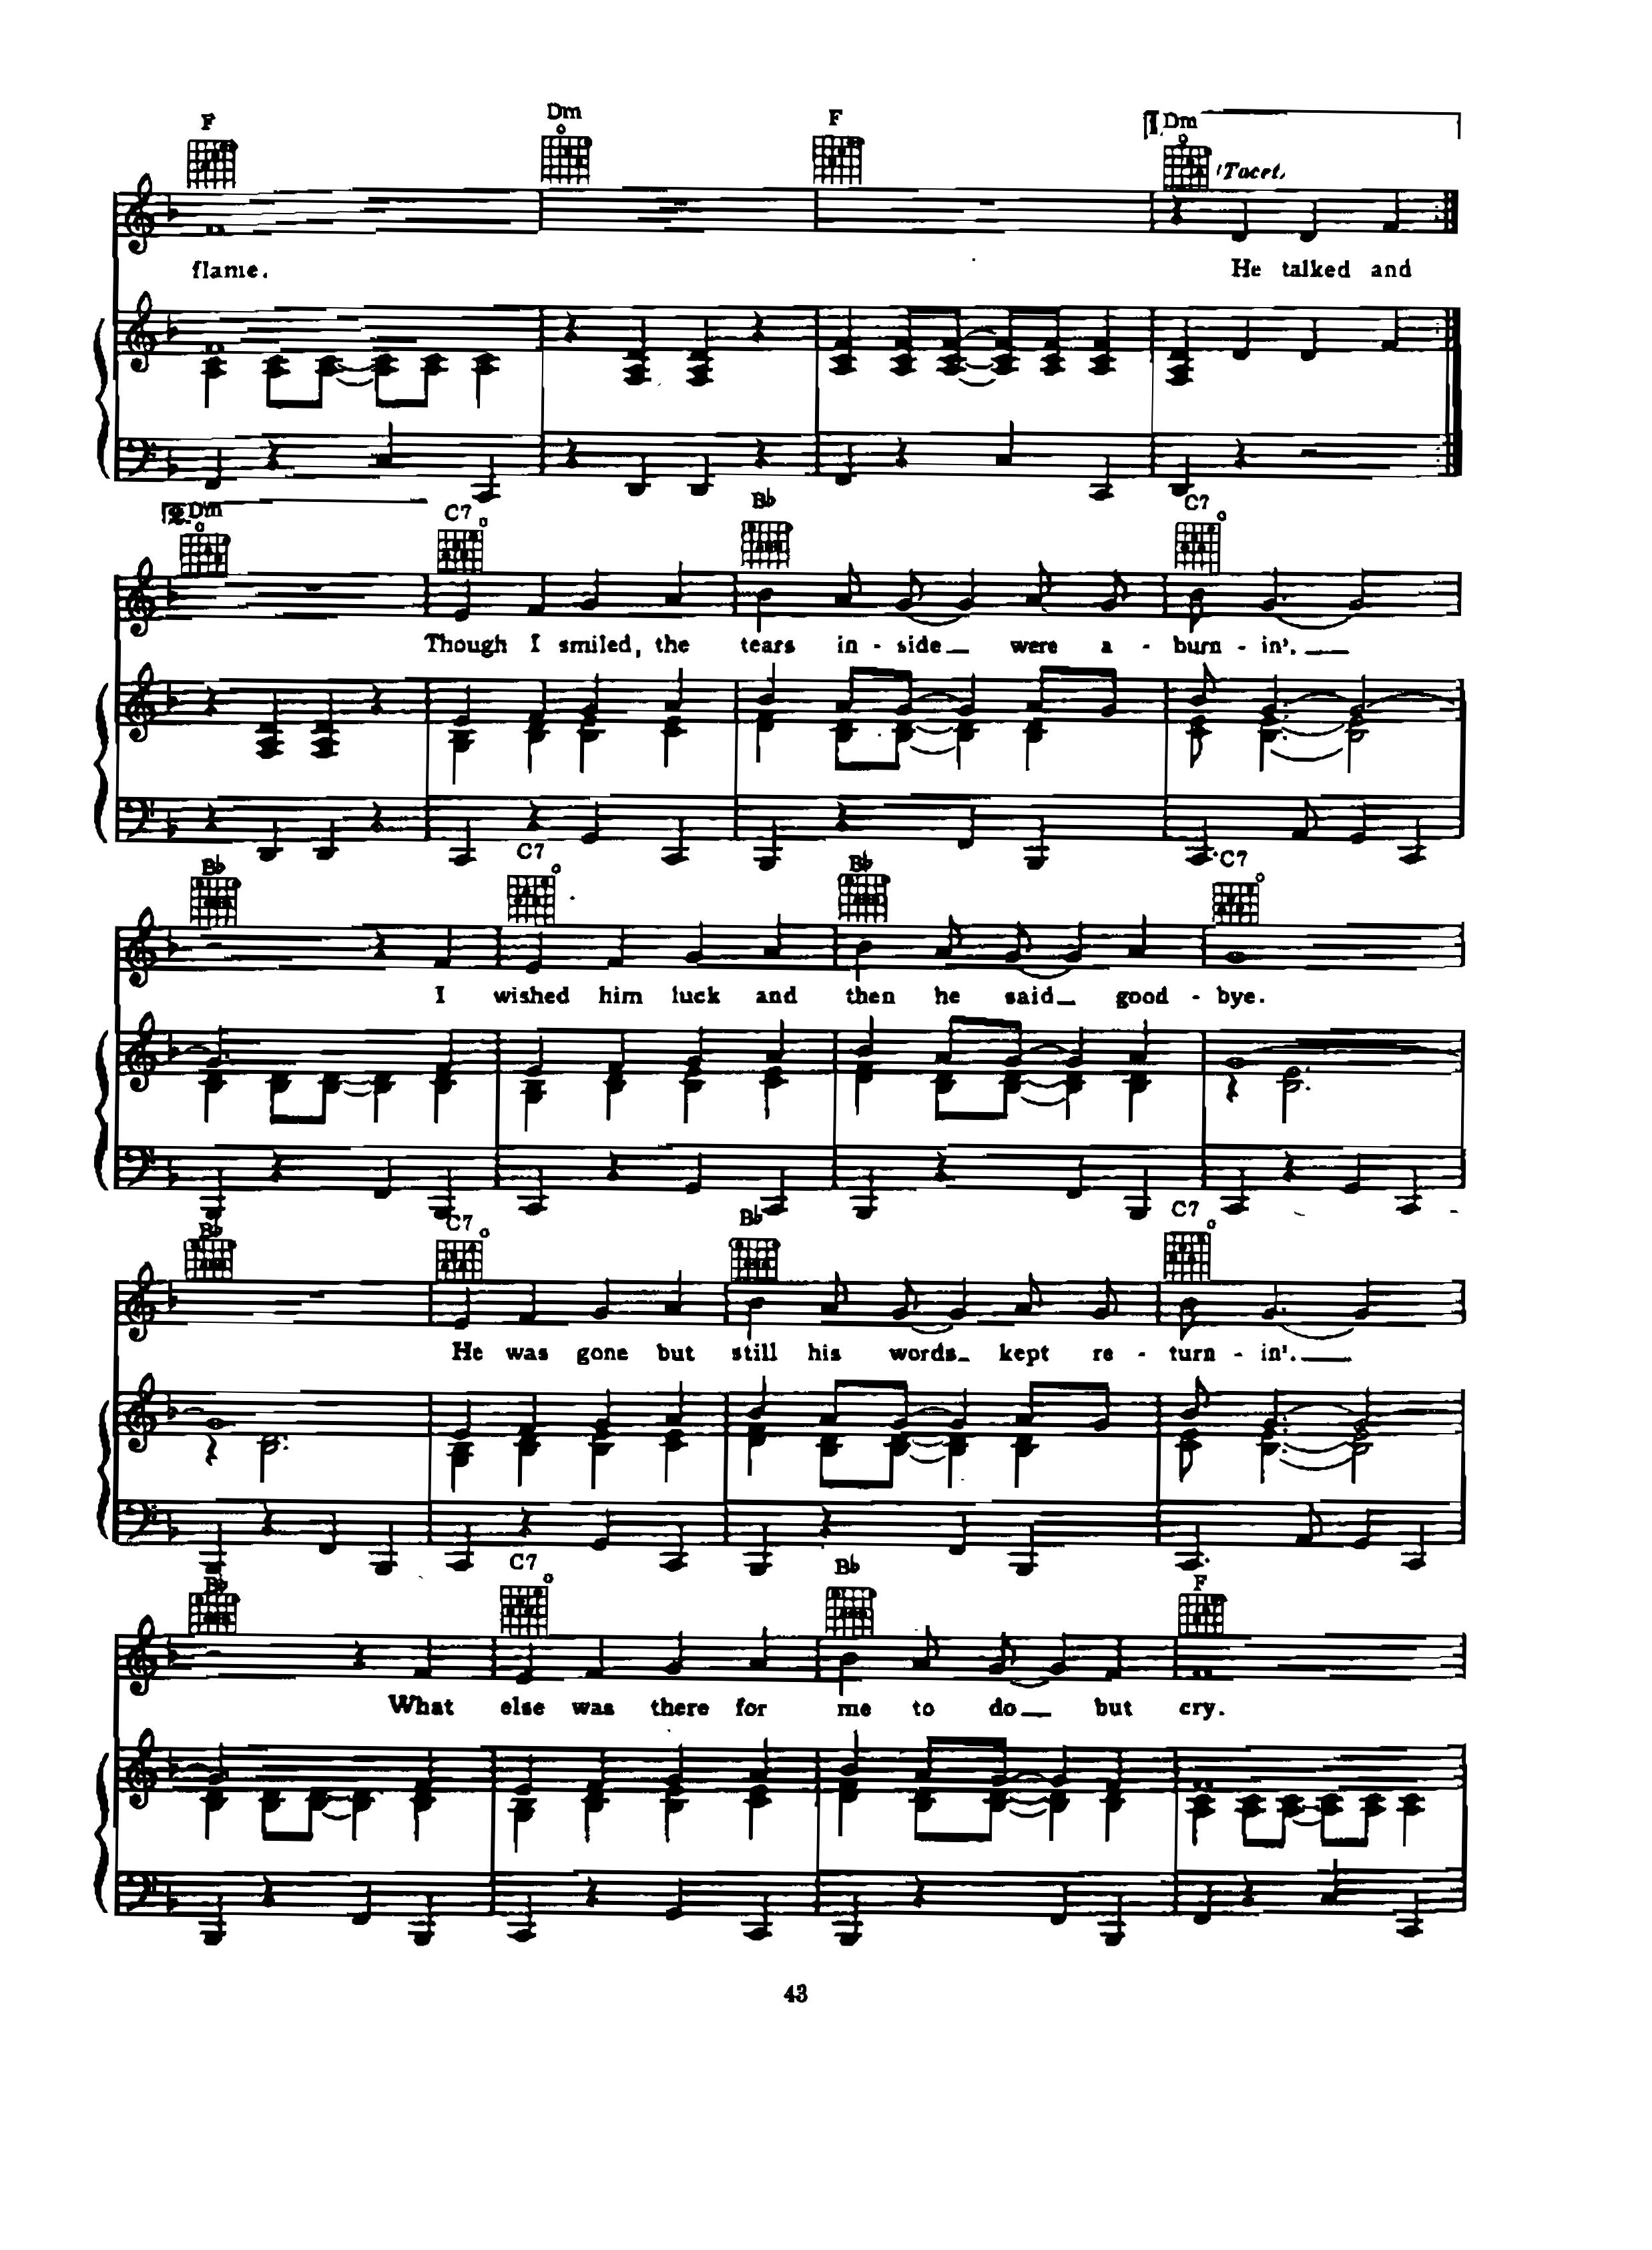 Chia sẻ: Elvis Presley với các ca khúc nổi tiếng soạn cho Piano và Guitar His latest flame (Maire's the name)